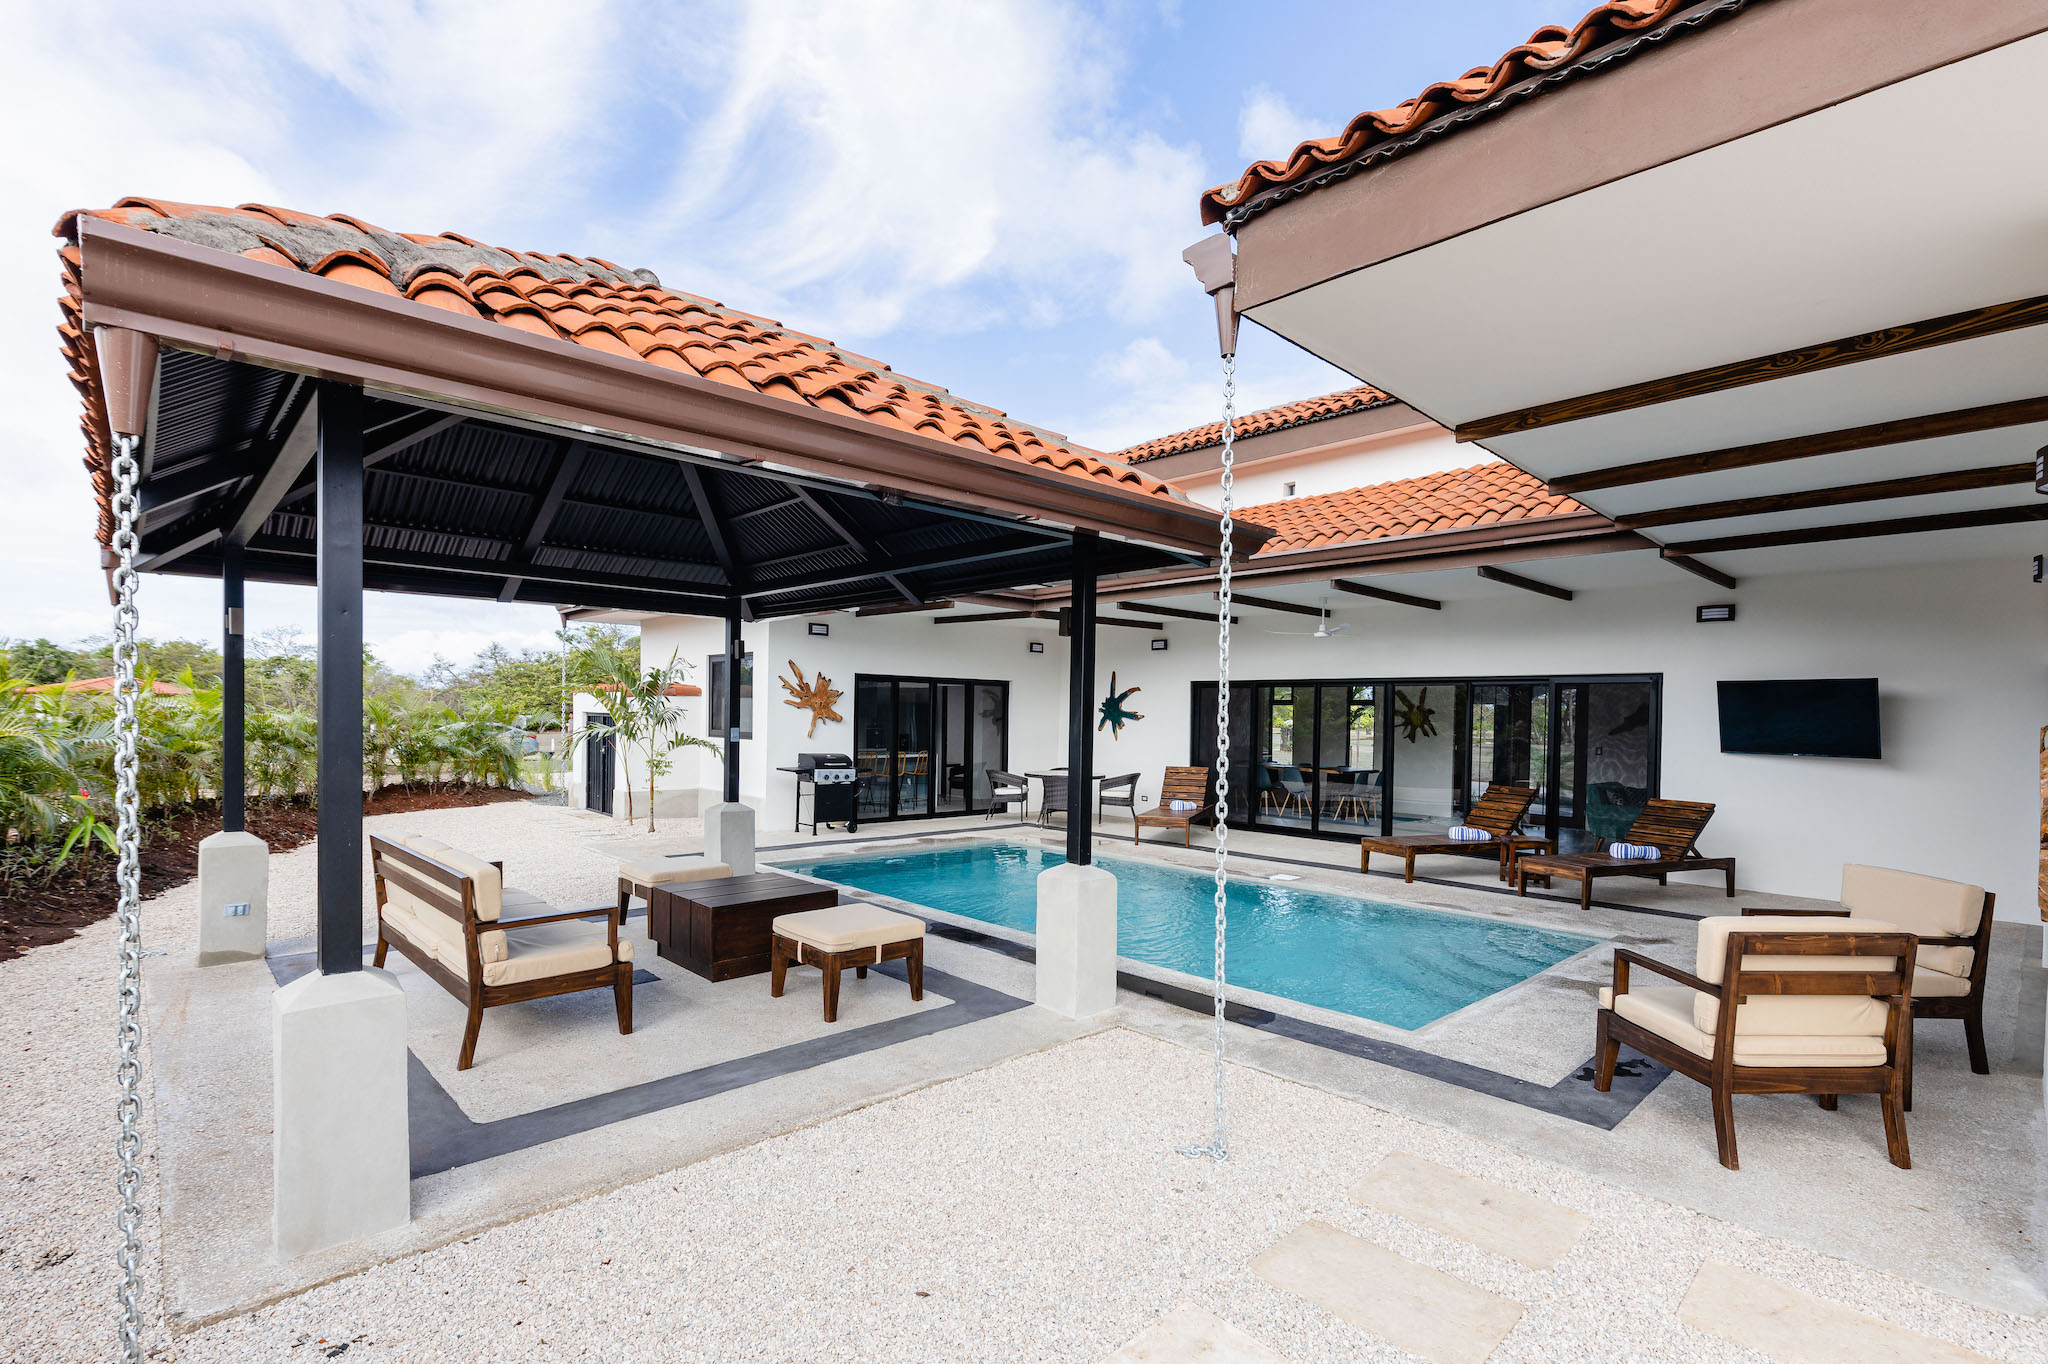 Casa-savanna-hacienda-pinilla